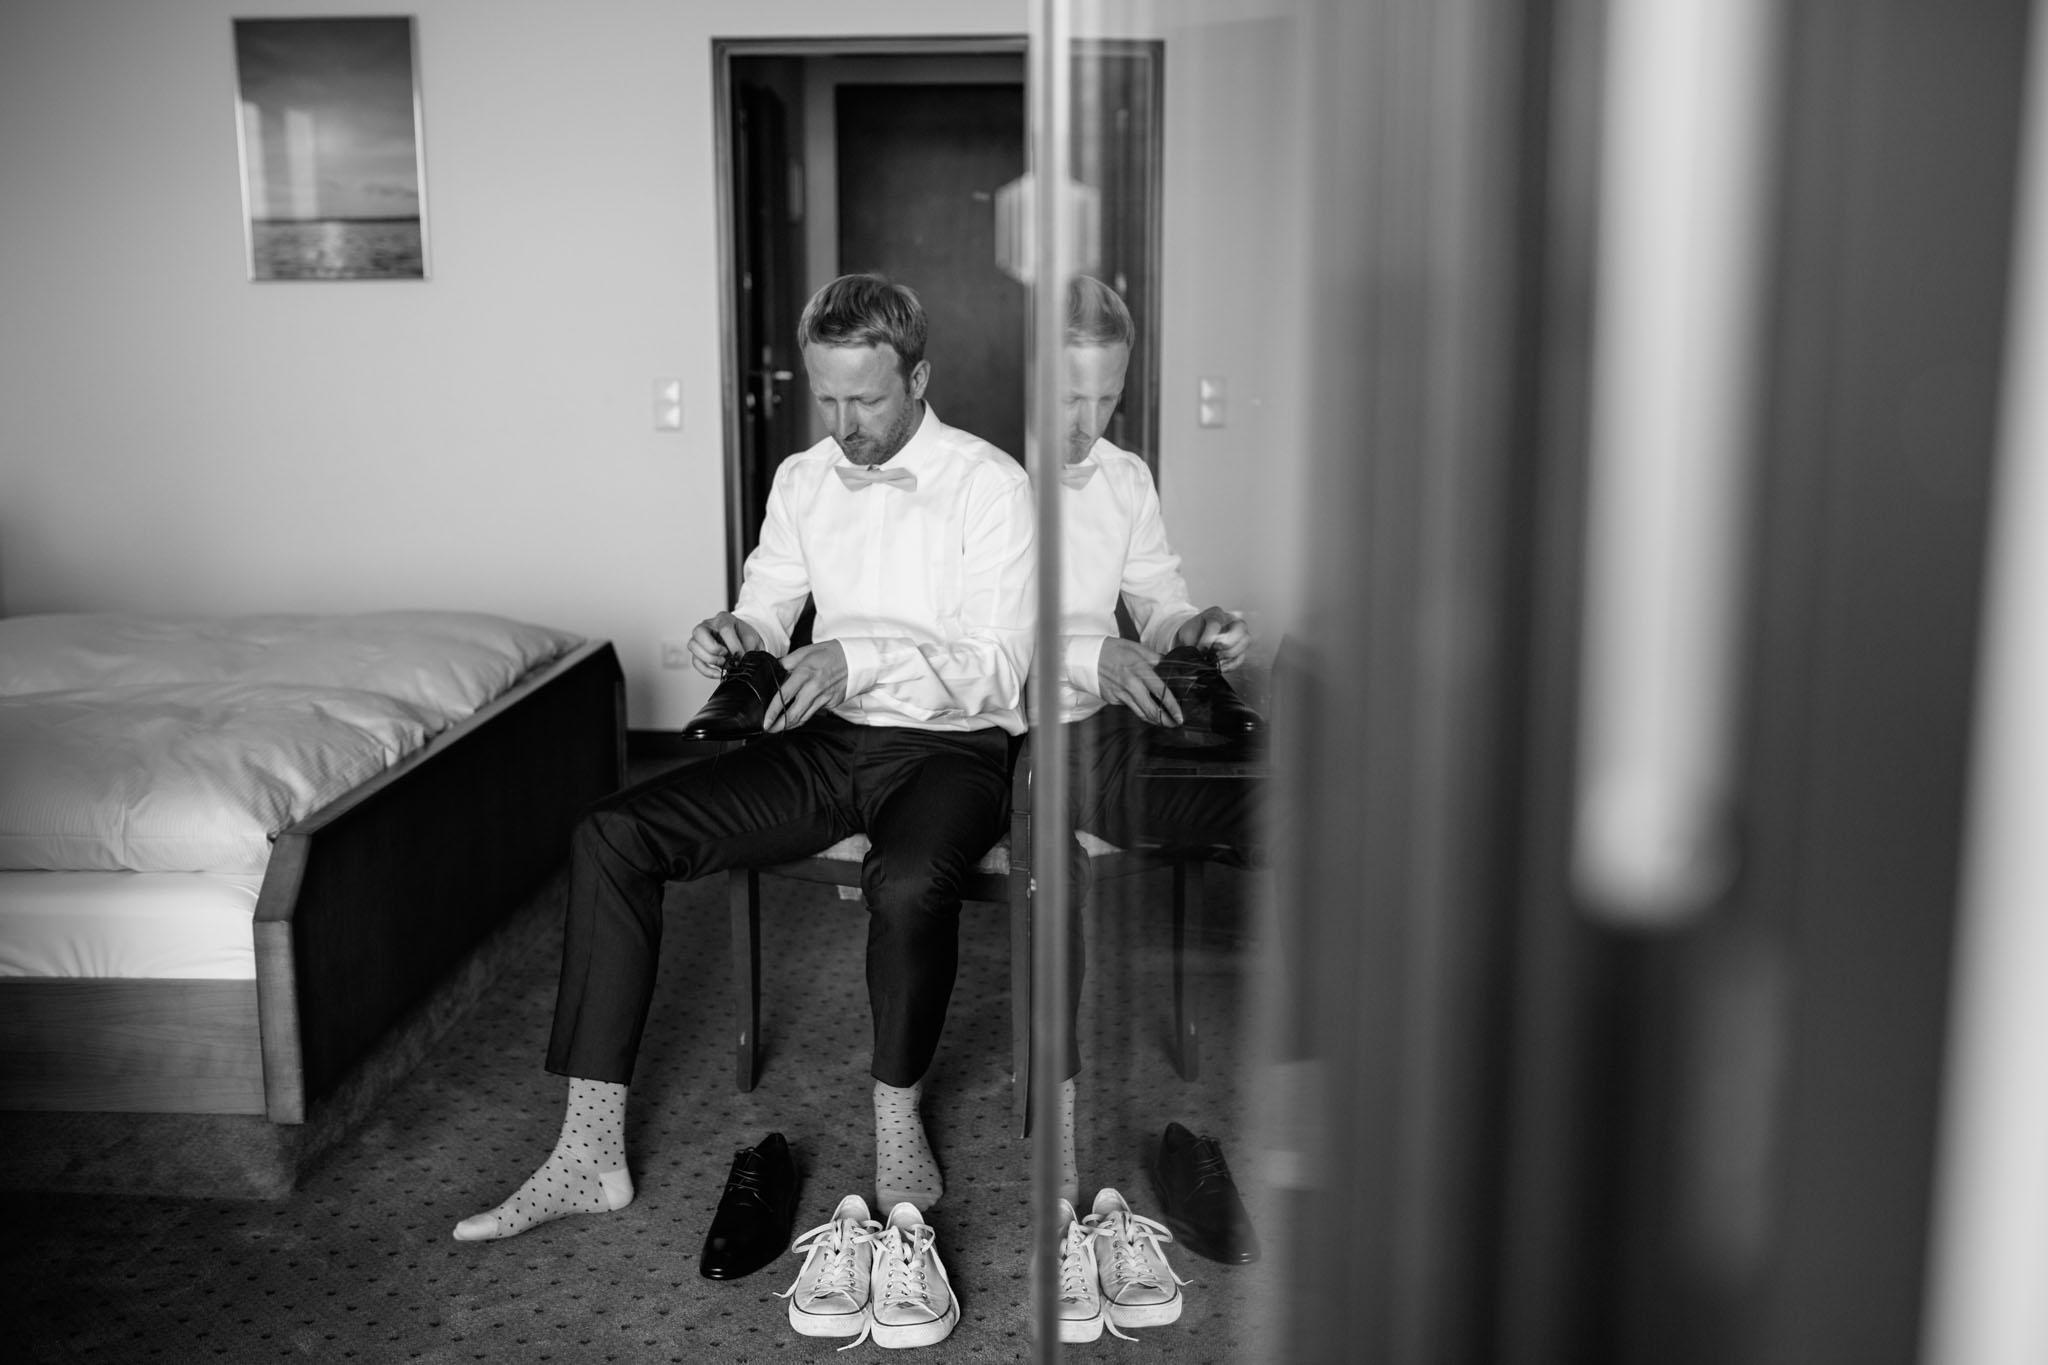 hochzeitsreportage-fotograf-ankleiden-braeutigam-berlin-hotel